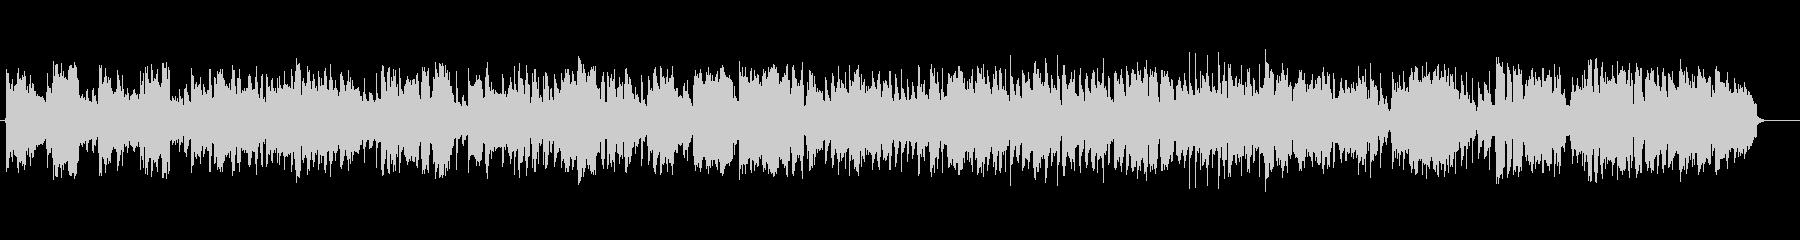 哀愁感のあるジャズバラード・ムーディーの未再生の波形